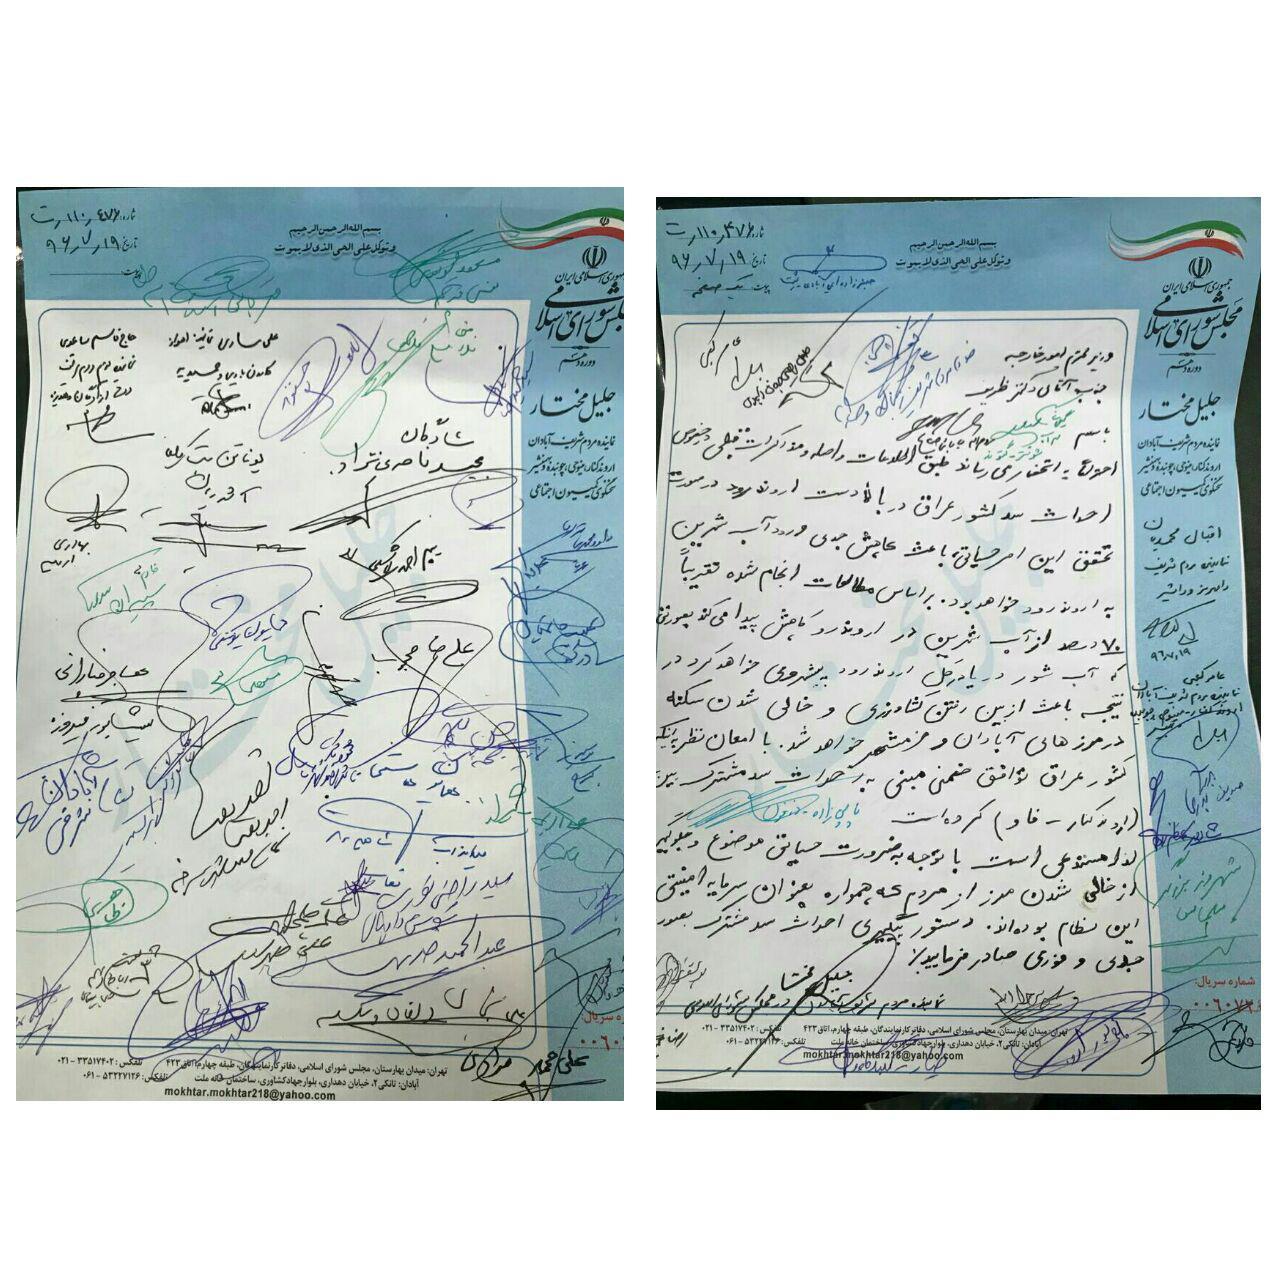 50 نماینده مجلس خواستار احداث سد دوستی ایران و عراق برروی آبراه اروندرود شدند